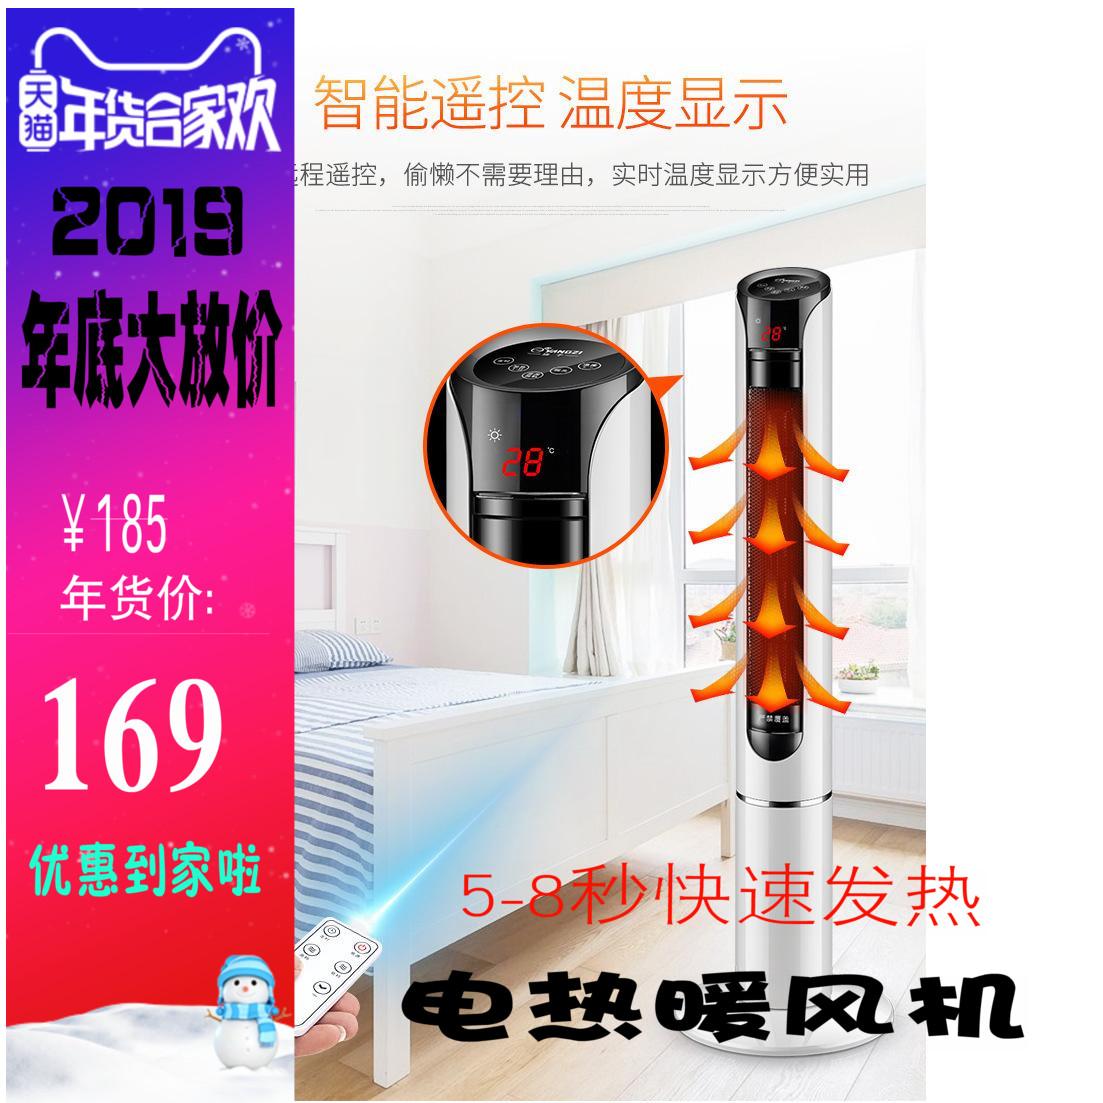 2018杨子电暖器暖风机取暖器家用黑科技取暖神器浴霸速热PTC起暖